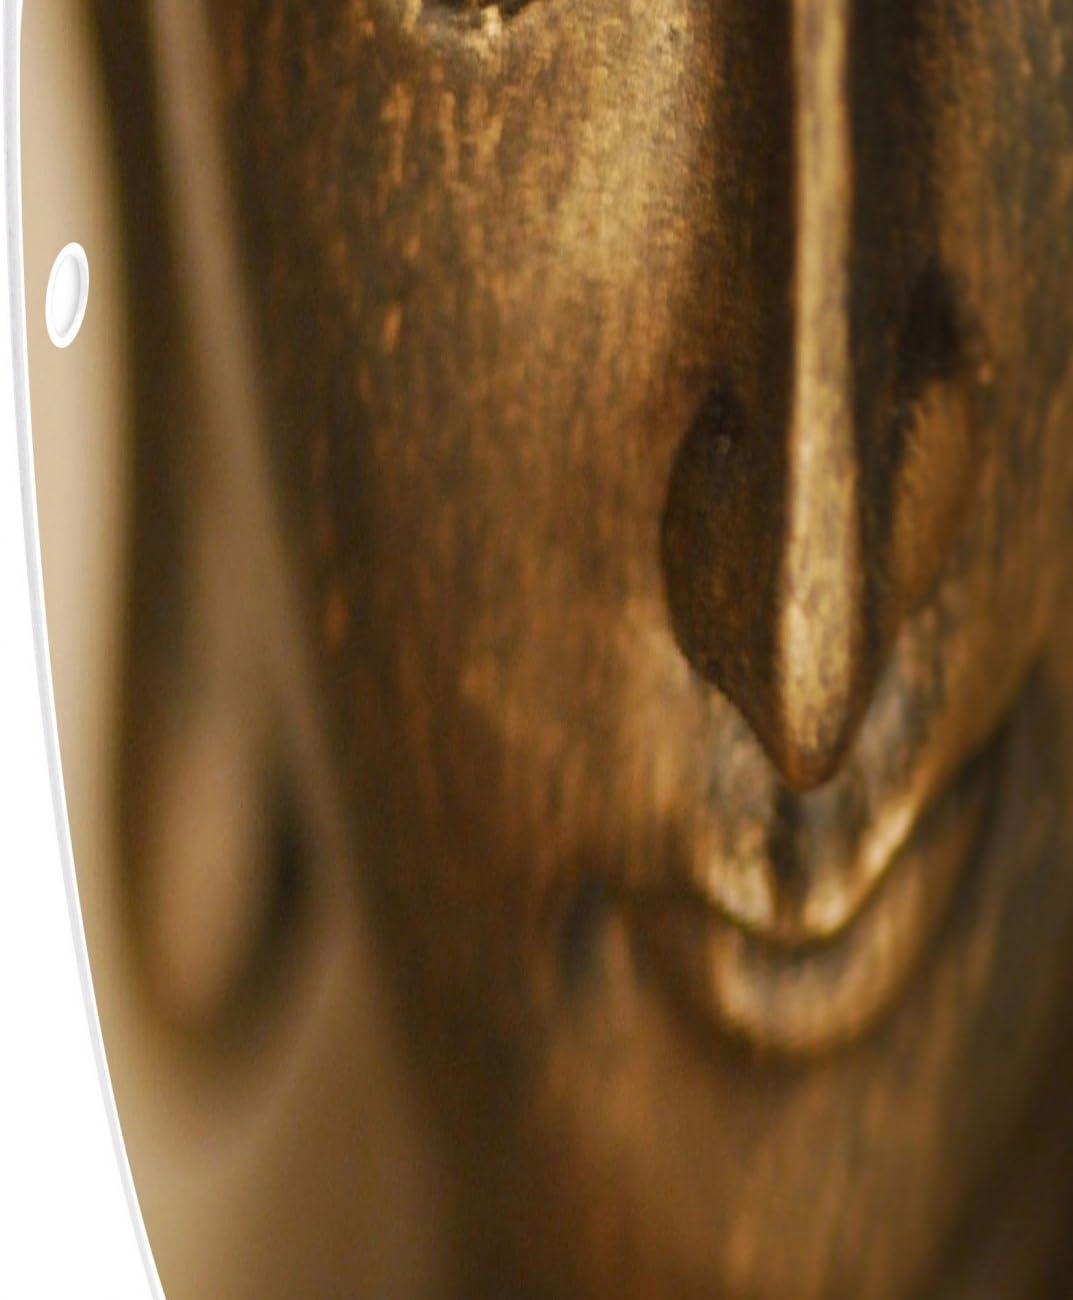 Pinnwand magnetisch 47cm /Ø Memoboard mit Motiv Buddha Gold Design Magnettafel von banjado Magnetwand schwarz aus Metall rund